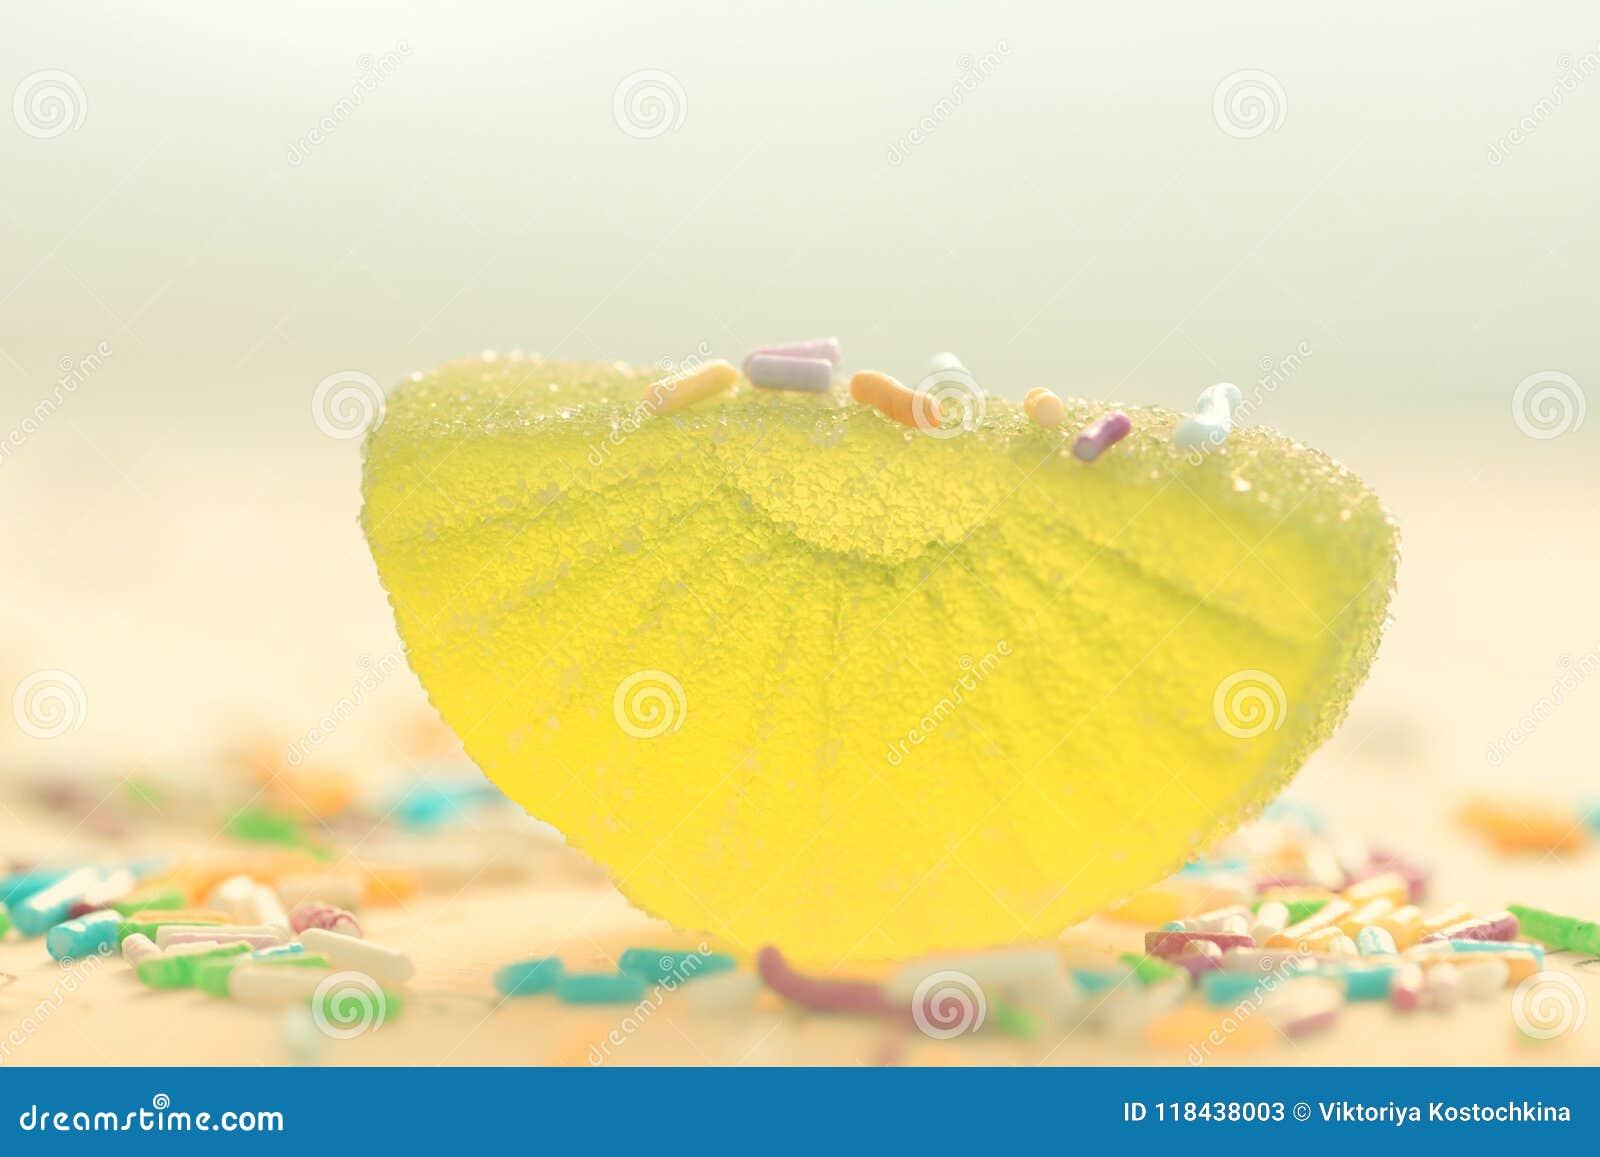 Caramelo cortado limón en azúcar